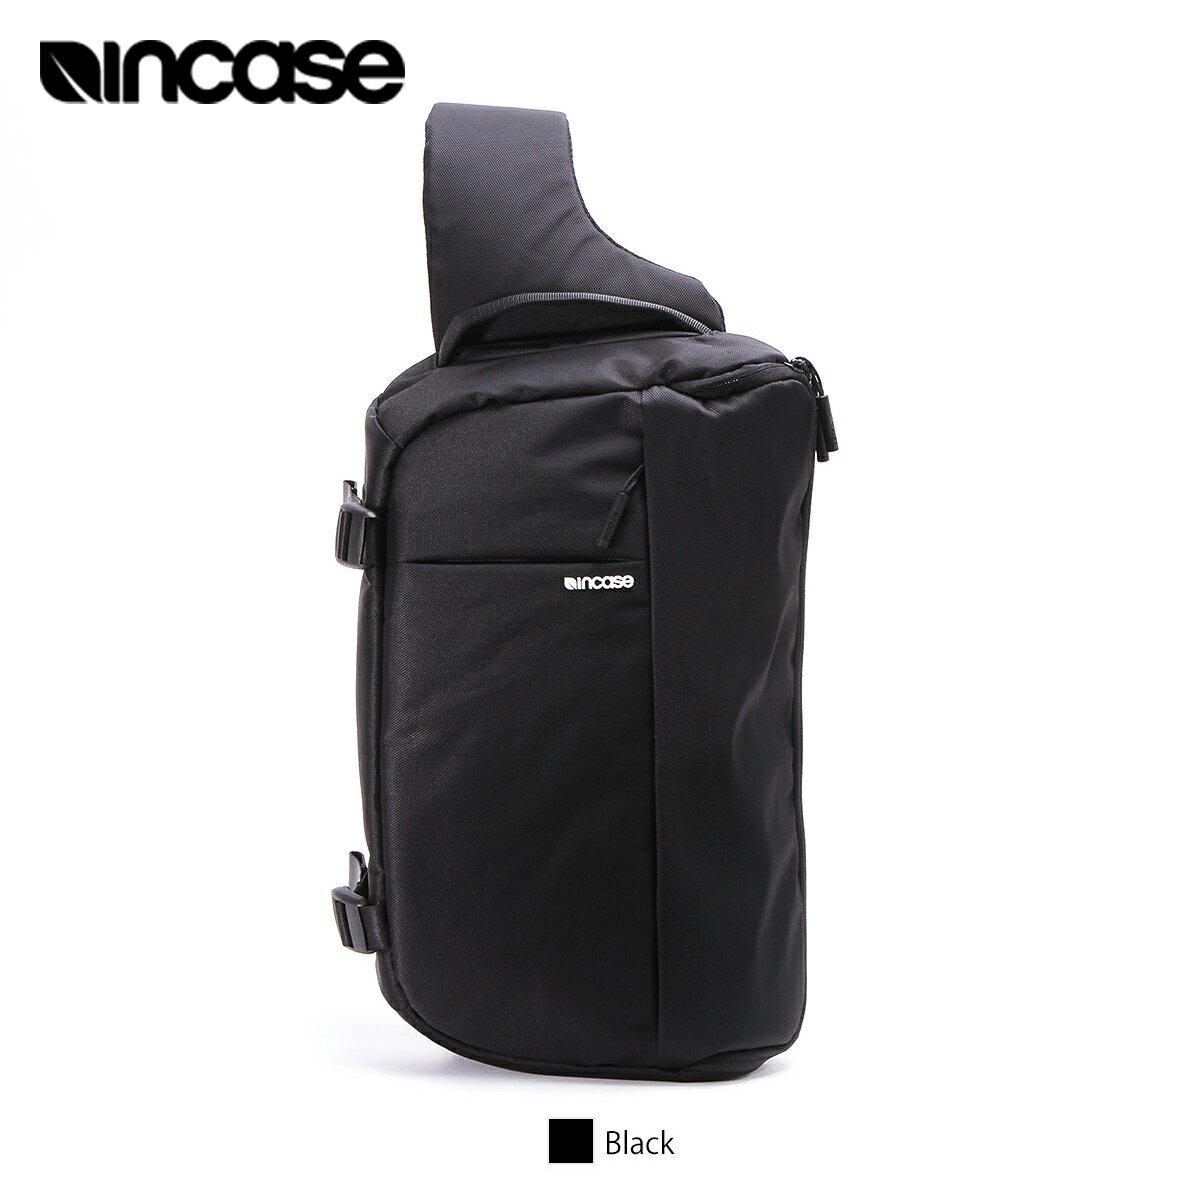 バッグ・ケース, カメラバッグ  DSLR Sling Pack Nylon Incase CL58067